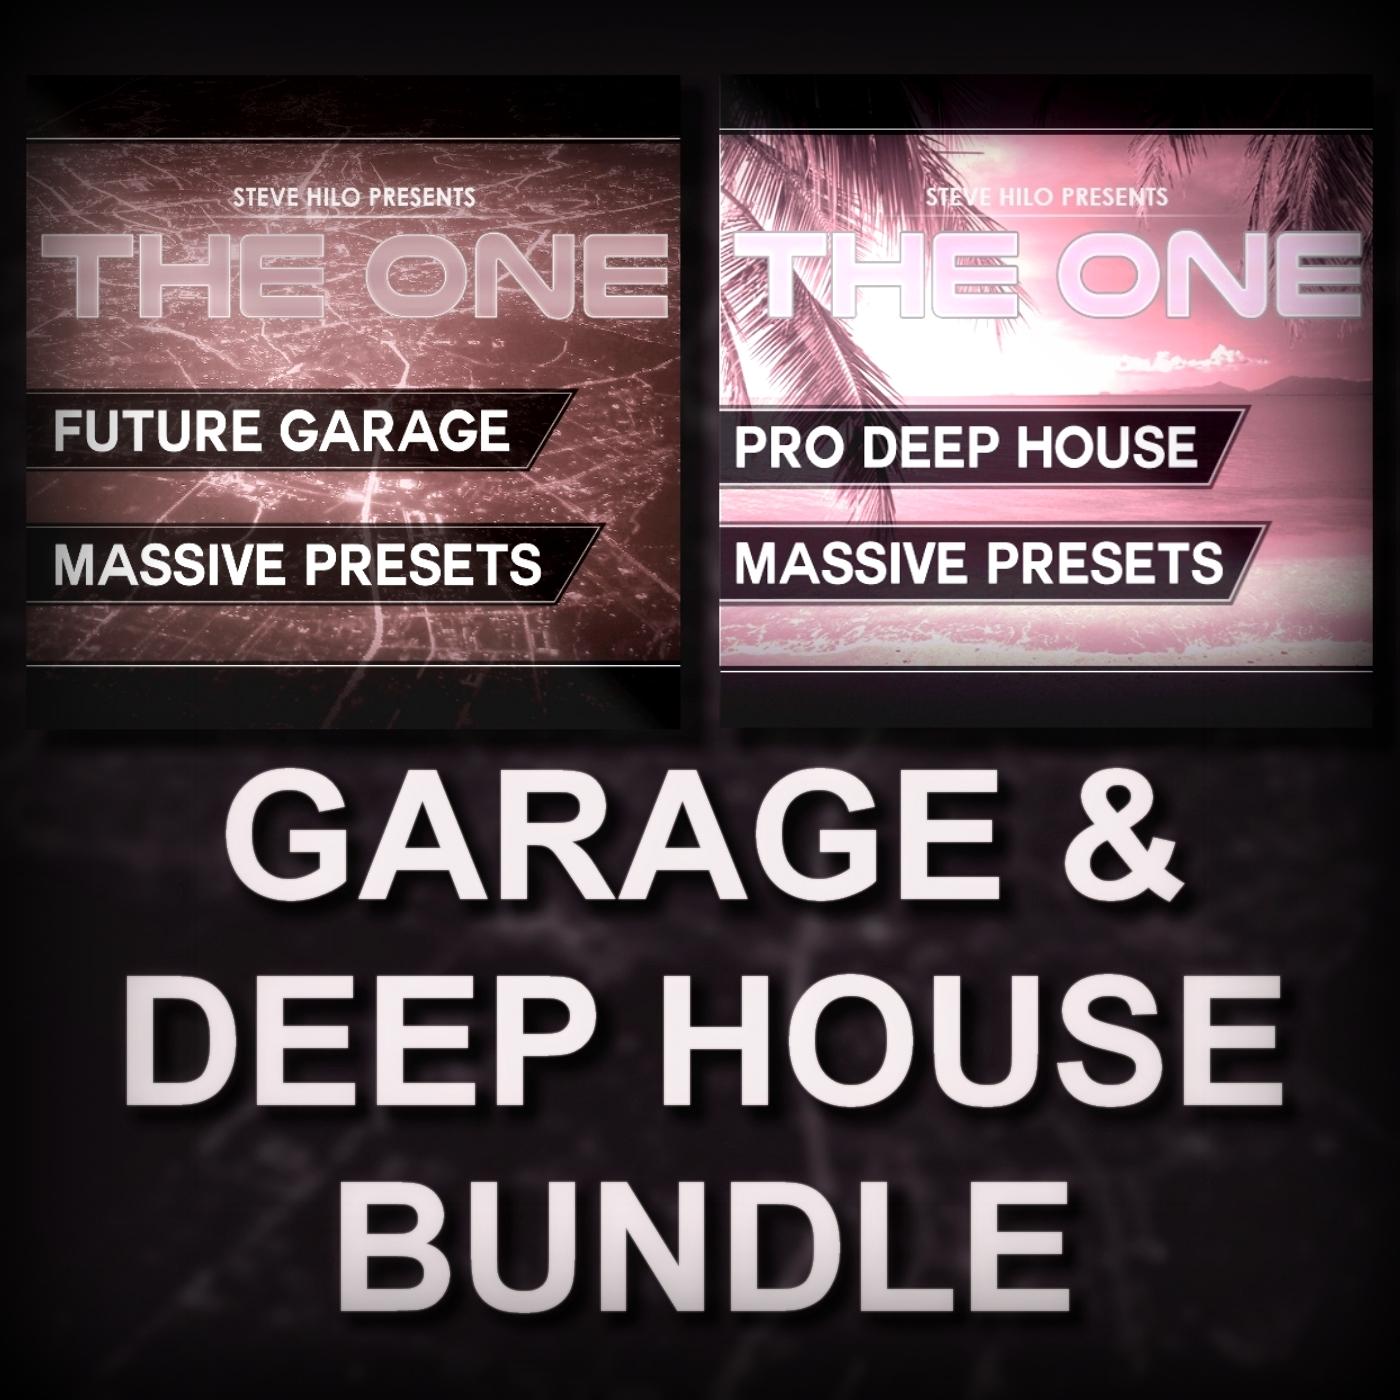 Garage & Deep House Bundle - filtered